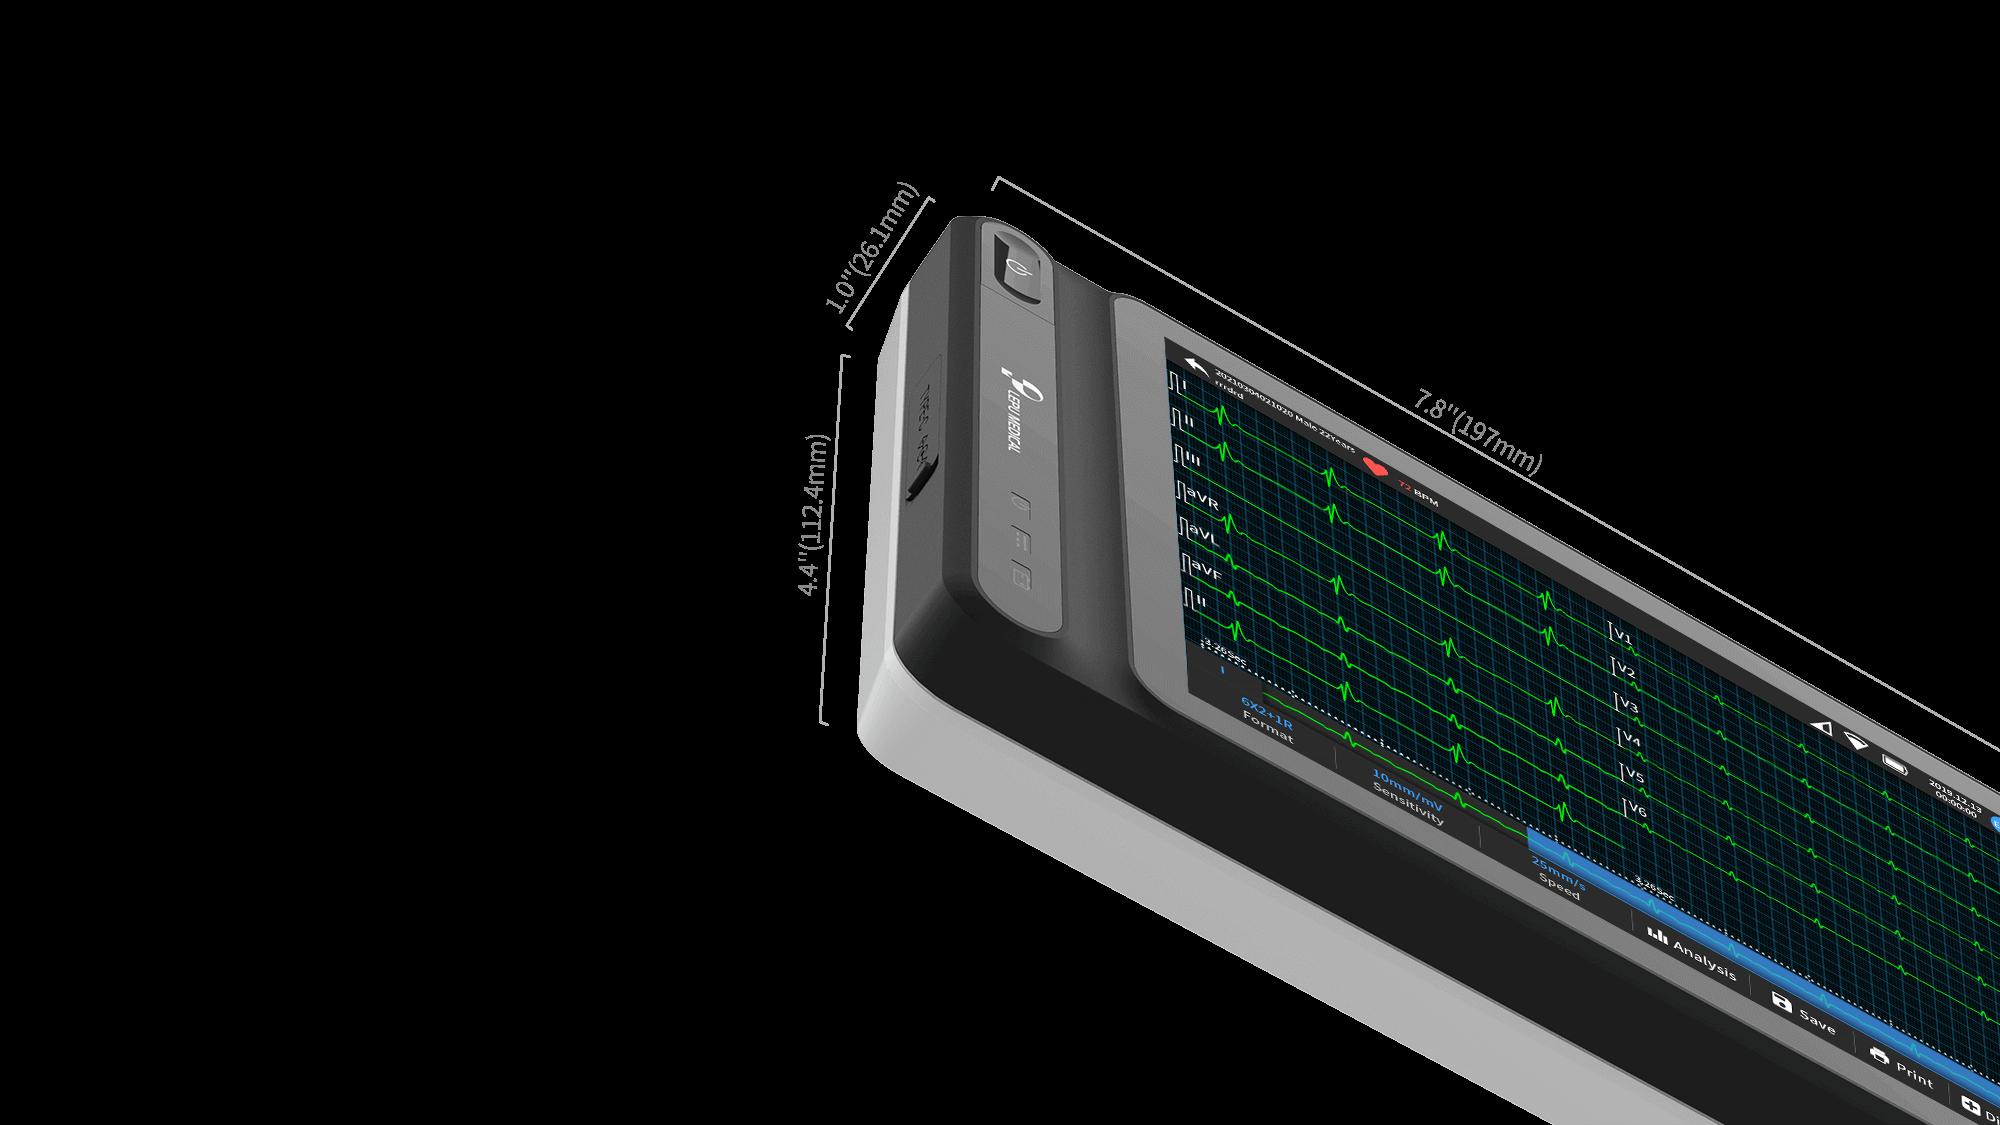 """La especificación de tamaño de la máquina de ECG basada en tableta inteligente de 12 derivaciones Wellue: 197 mm x 112.4 mm x 26.1 mm (7.8 '' x 4.4 """"x 1.0"""")."""